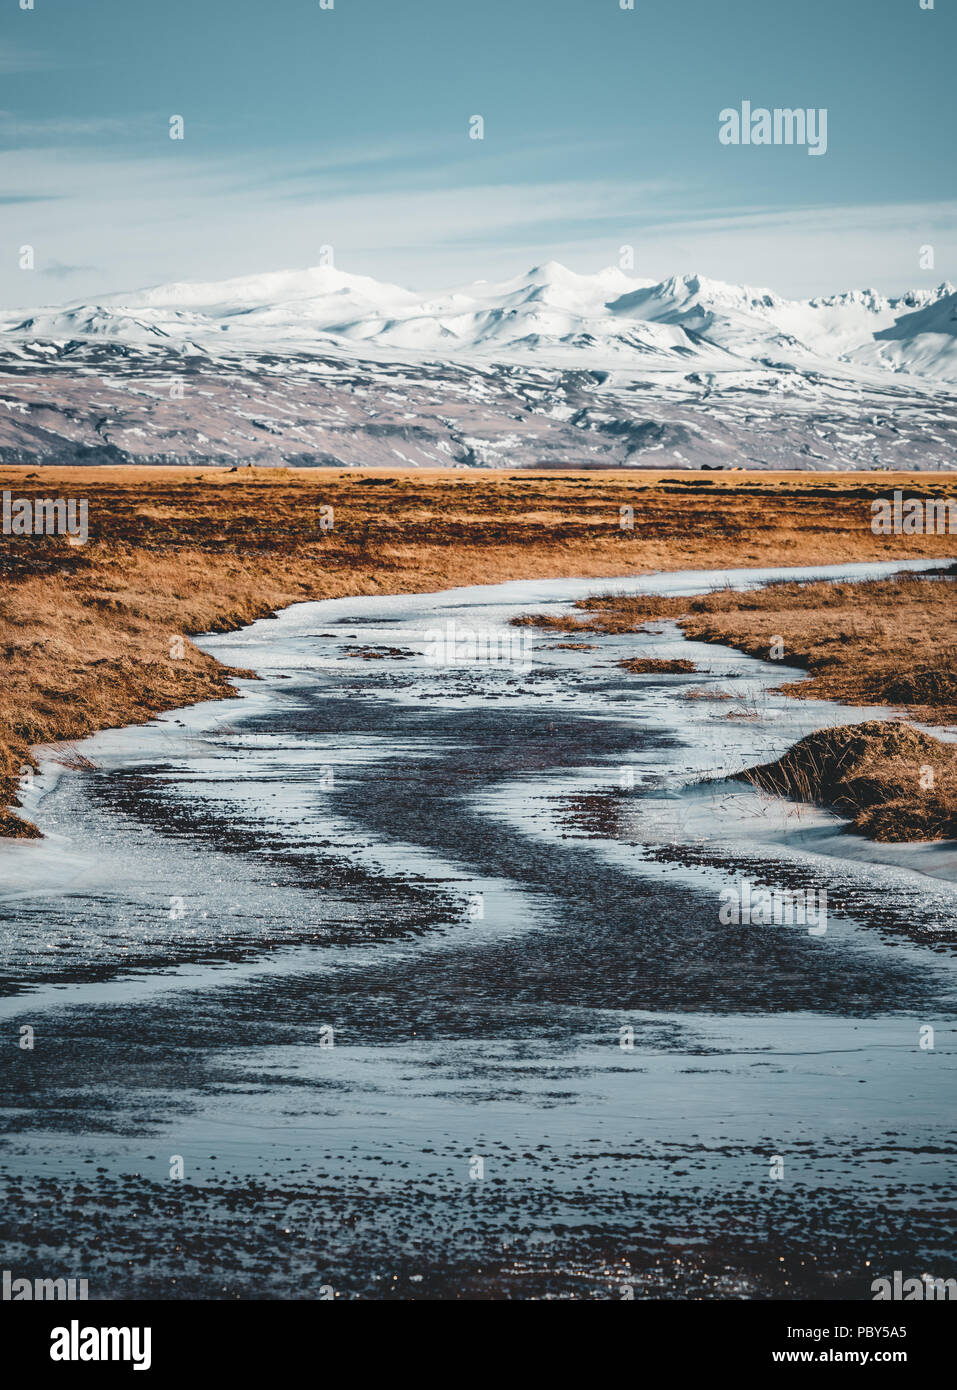 Island typischen Berg winter Szene mit Gras im Vordergrund und massiven Berg im Hintergrund. Stockbild